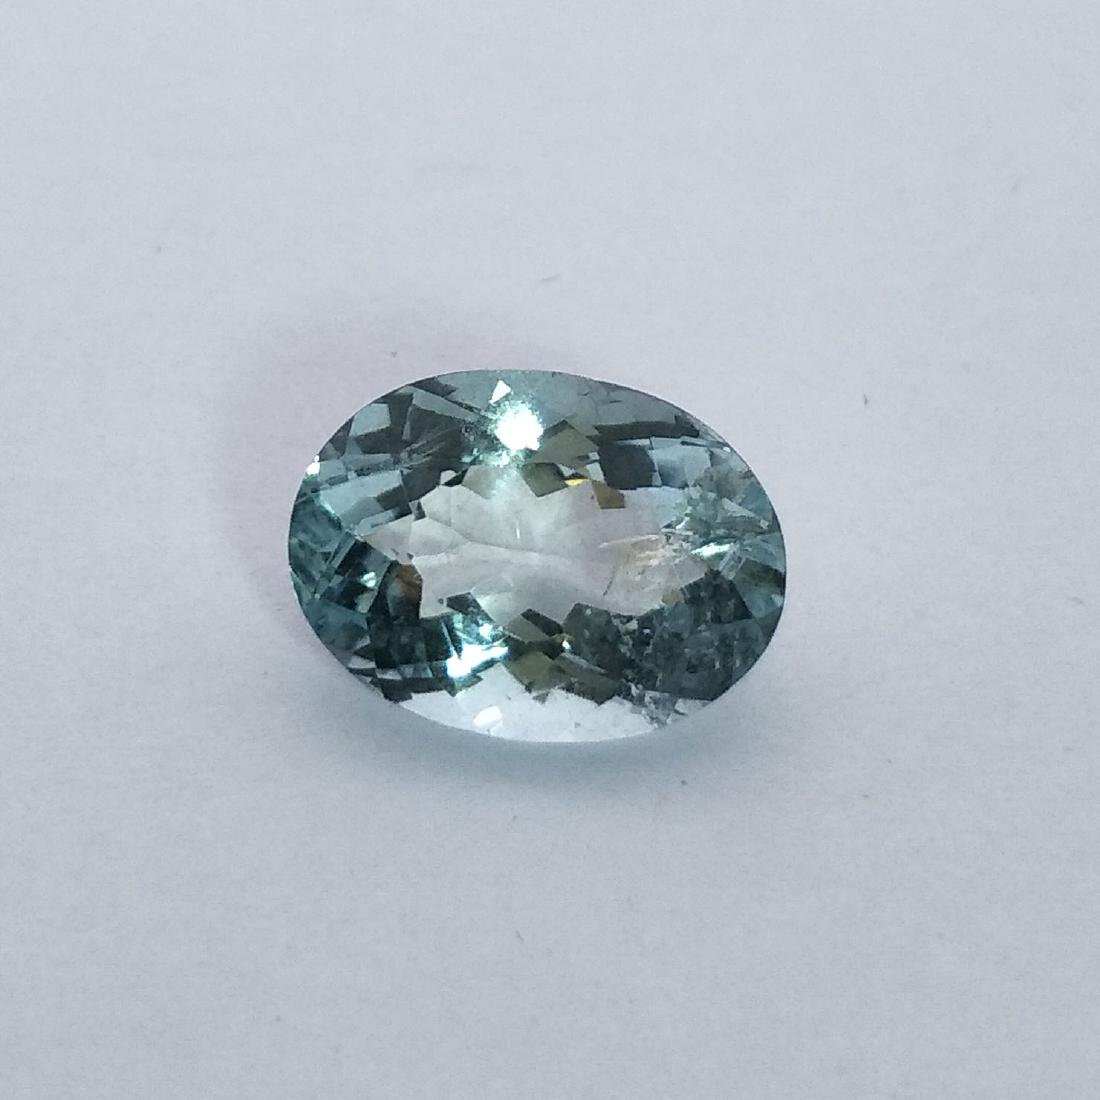 Aquamarine - 4.66 ct - 2